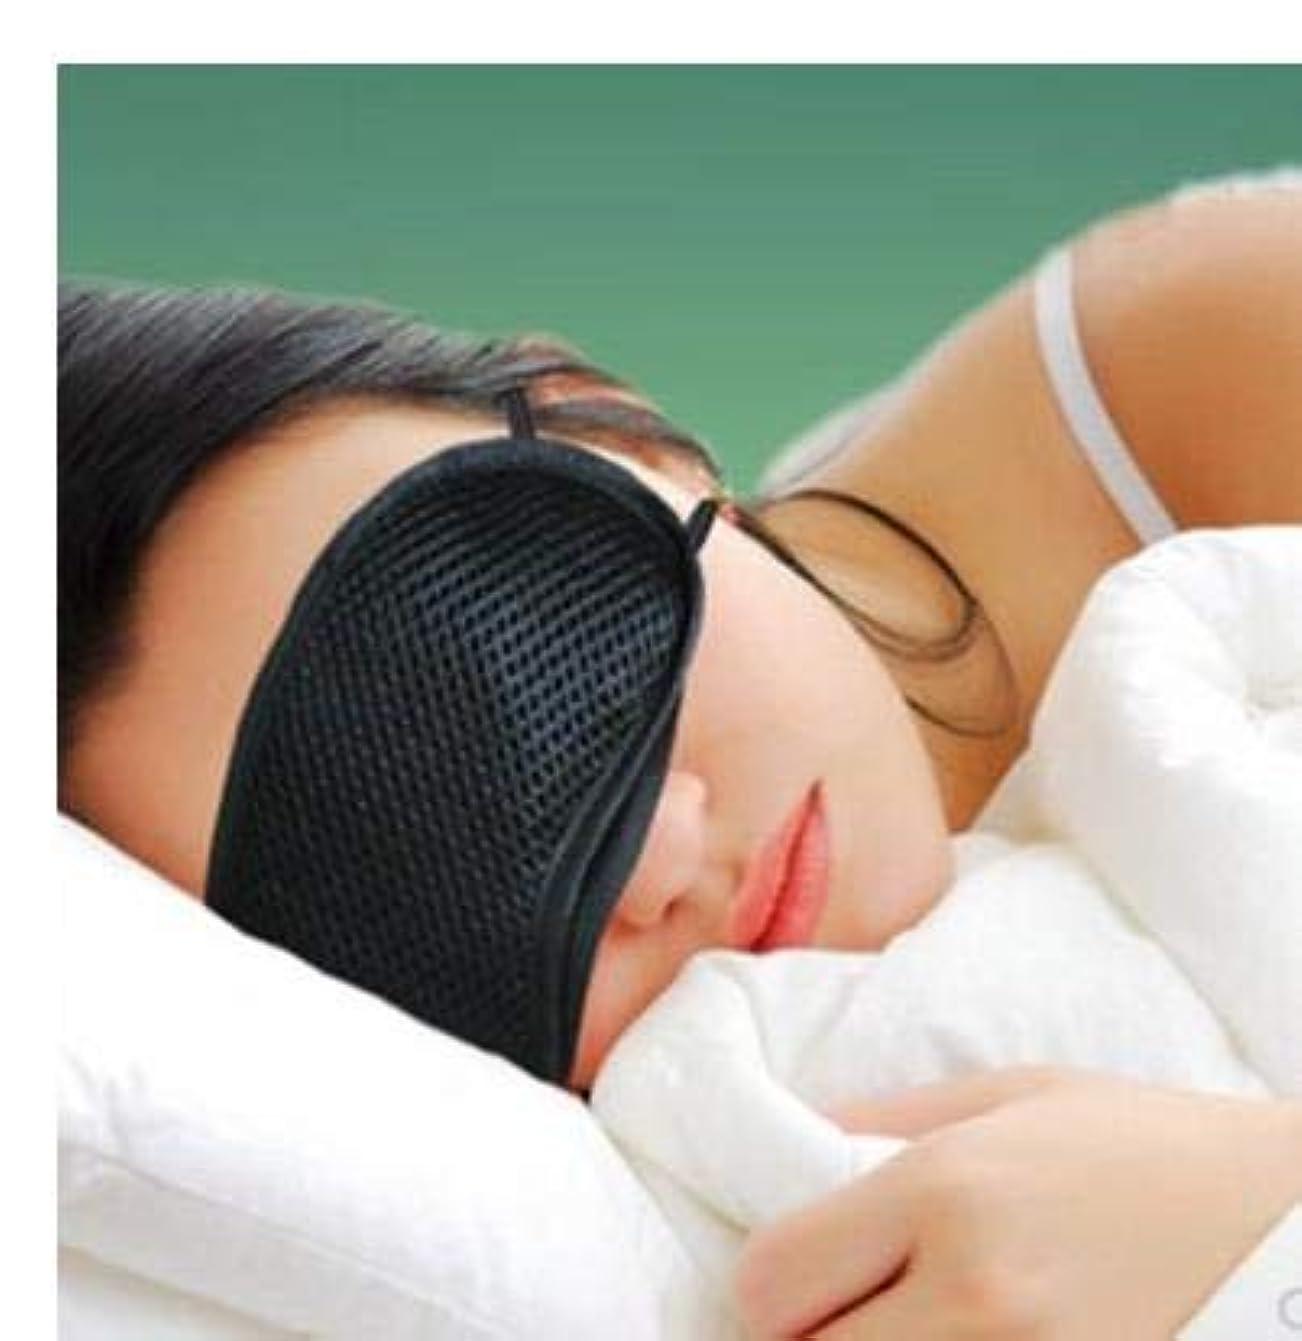 証書みなすジョージスティーブンソンNOTE 竹炭睡眠アイマスク用旅行残りの長さ調節可能な睡眠補助目隠し包帯アイパッチギフト用男性女性